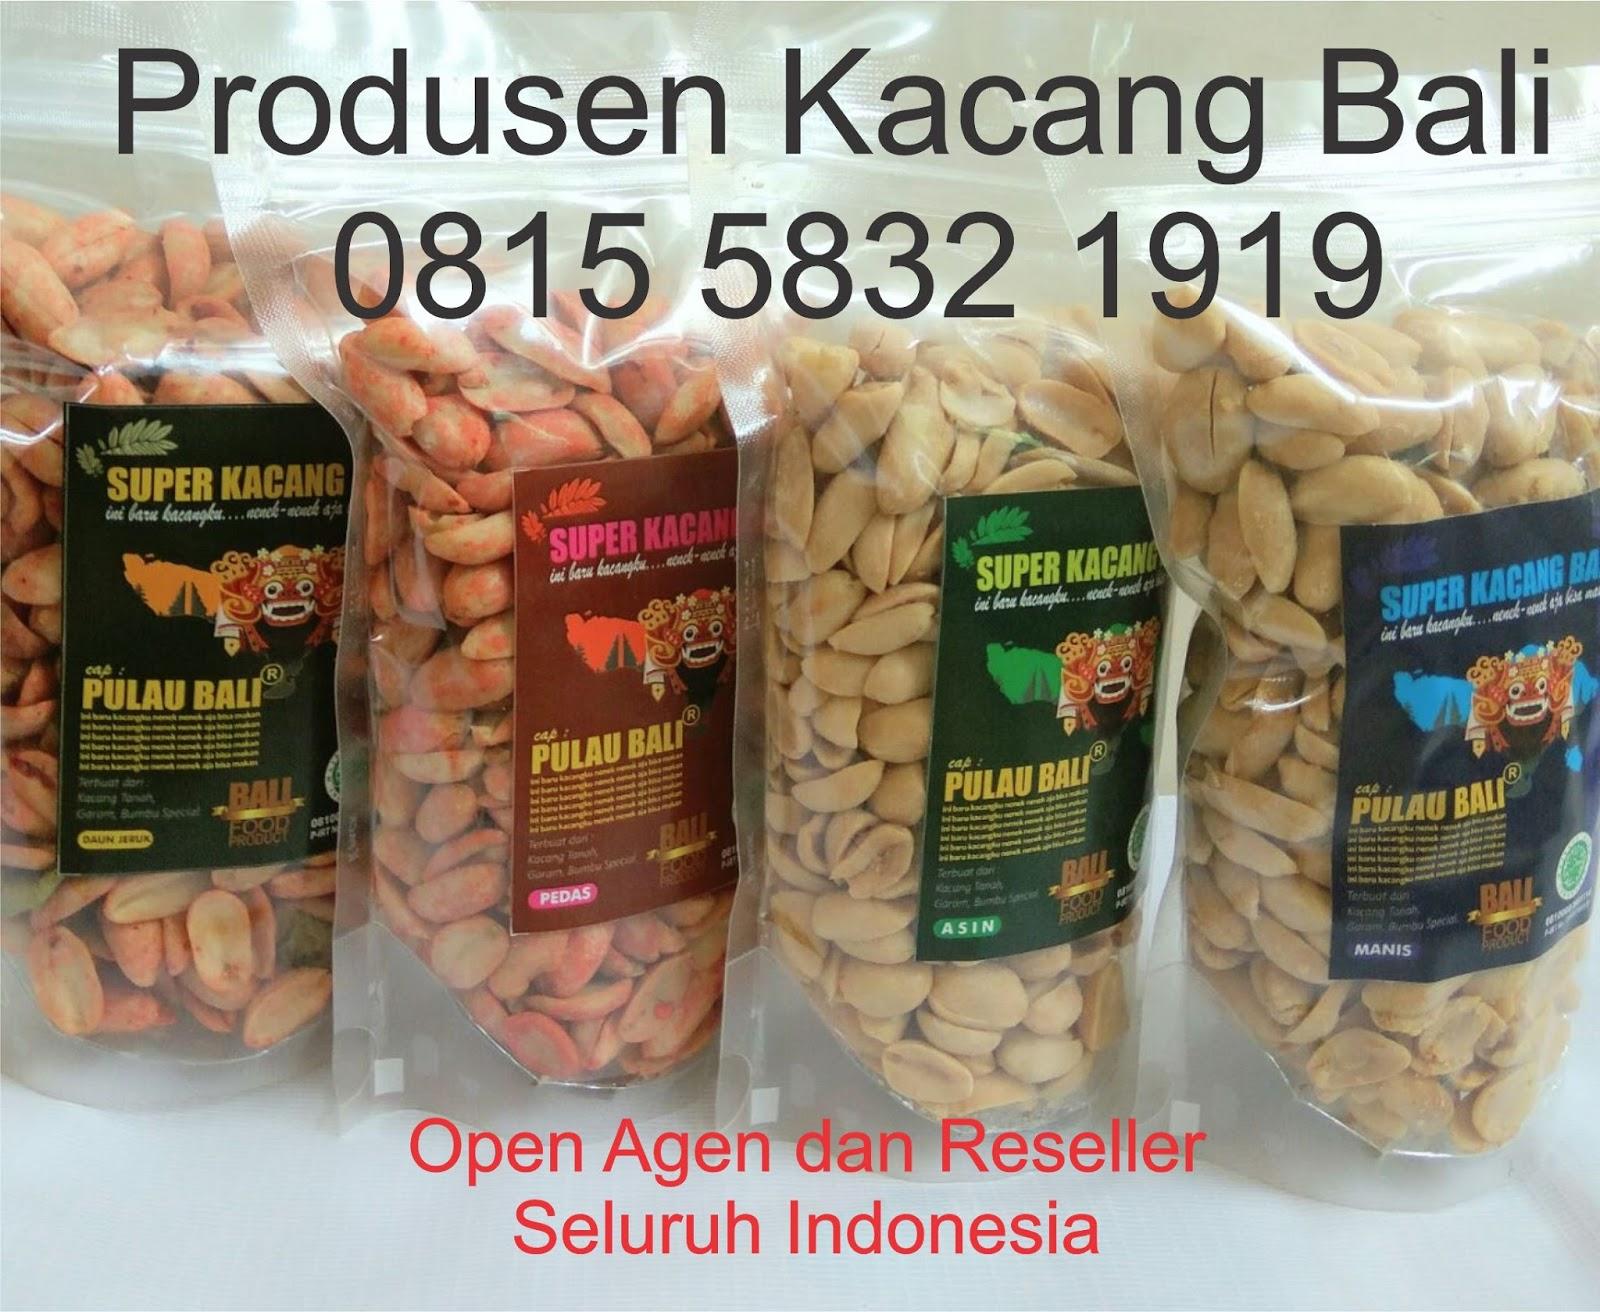 Harga Jual Kacang Bali Jagonya Beli Karunia Ayu 1kg By Supplier Murah Di Bekasi